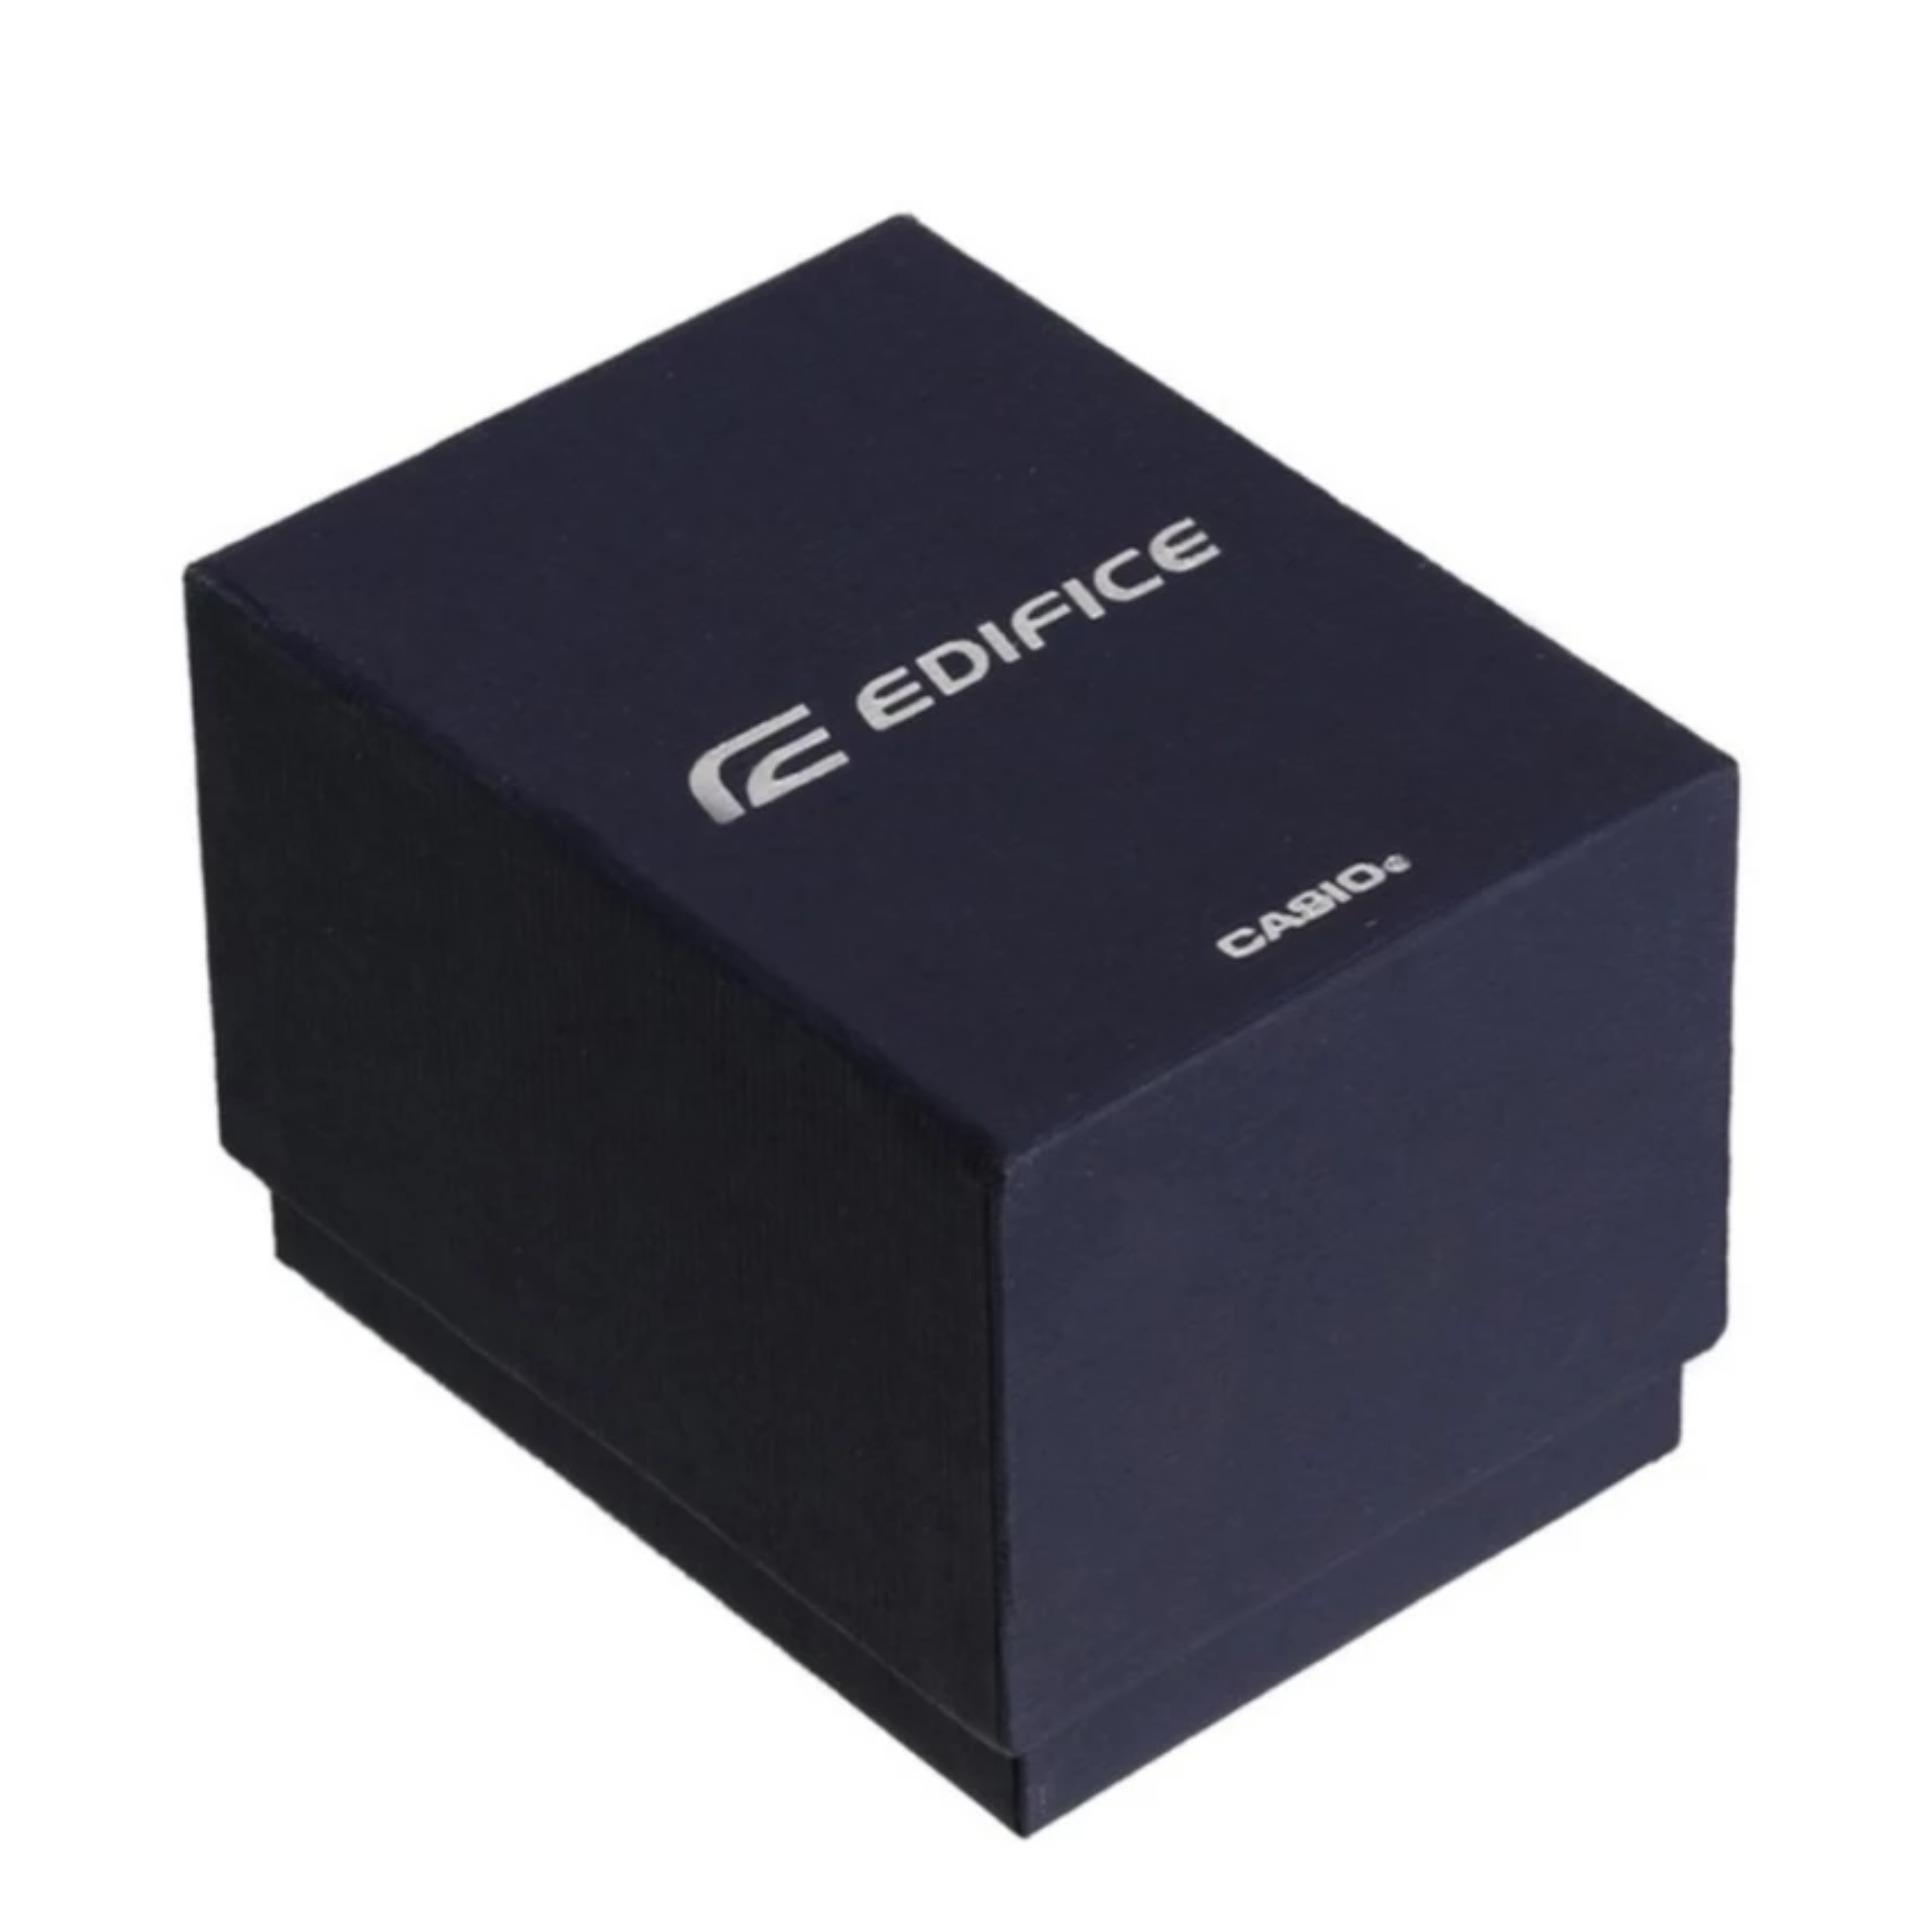 ... Casio Edifice EFR 506 D 1av Jam Tangan Pria